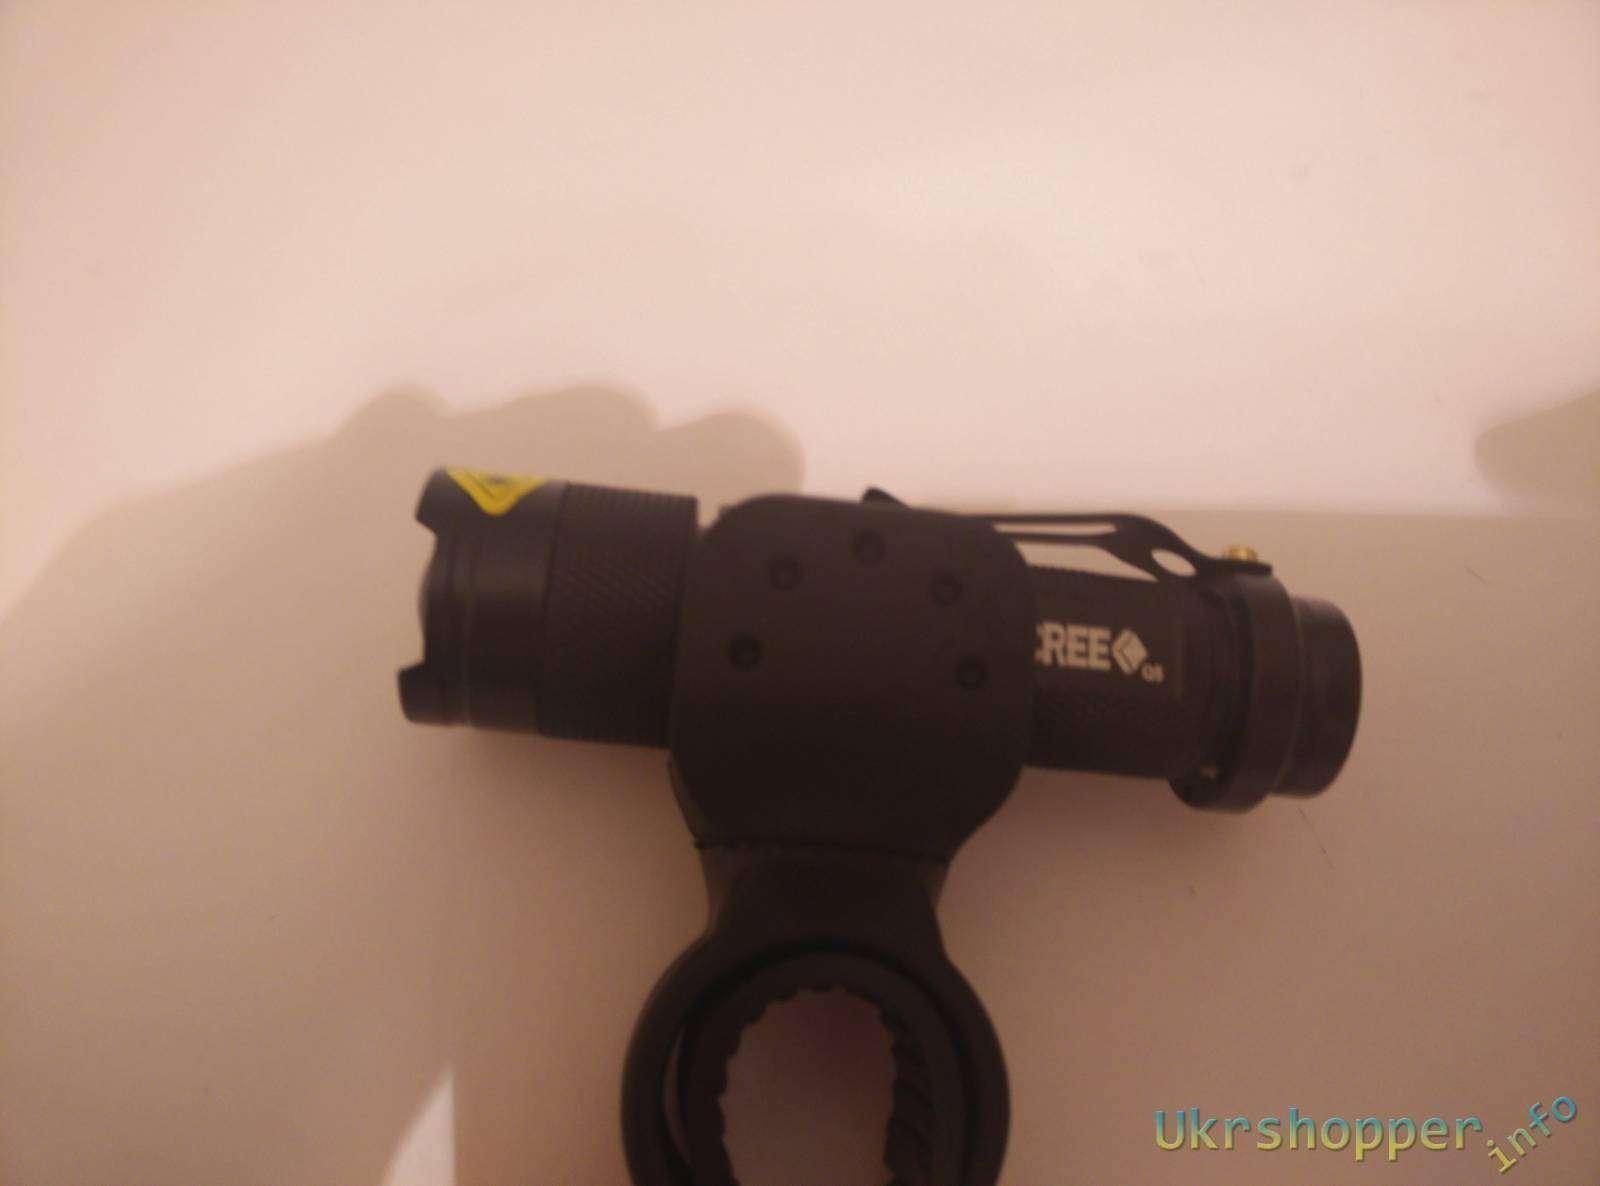 EachBuyer: Велосипедный фонарик в комплекте с универсальным креплением на руль велика - обзор